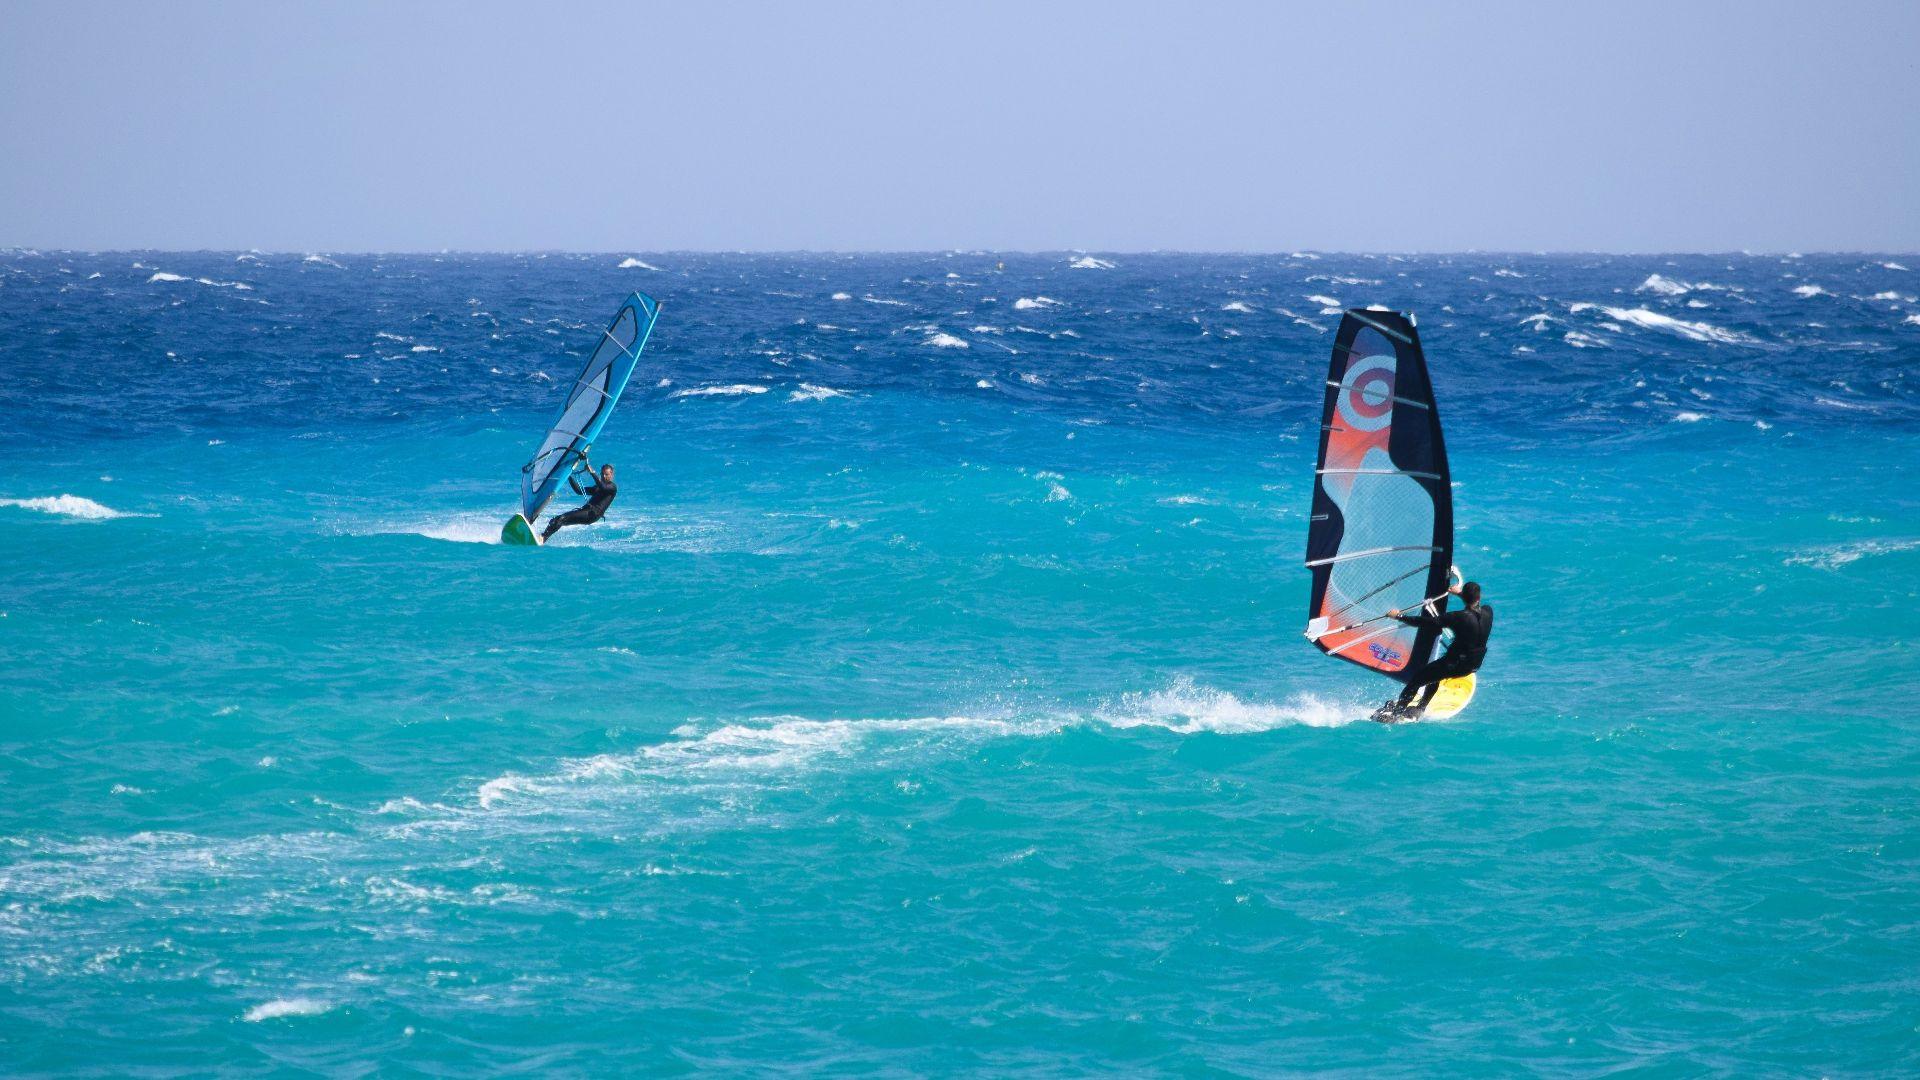 Corso avanzato di windsurf a Bari Sardo in Ogliastra